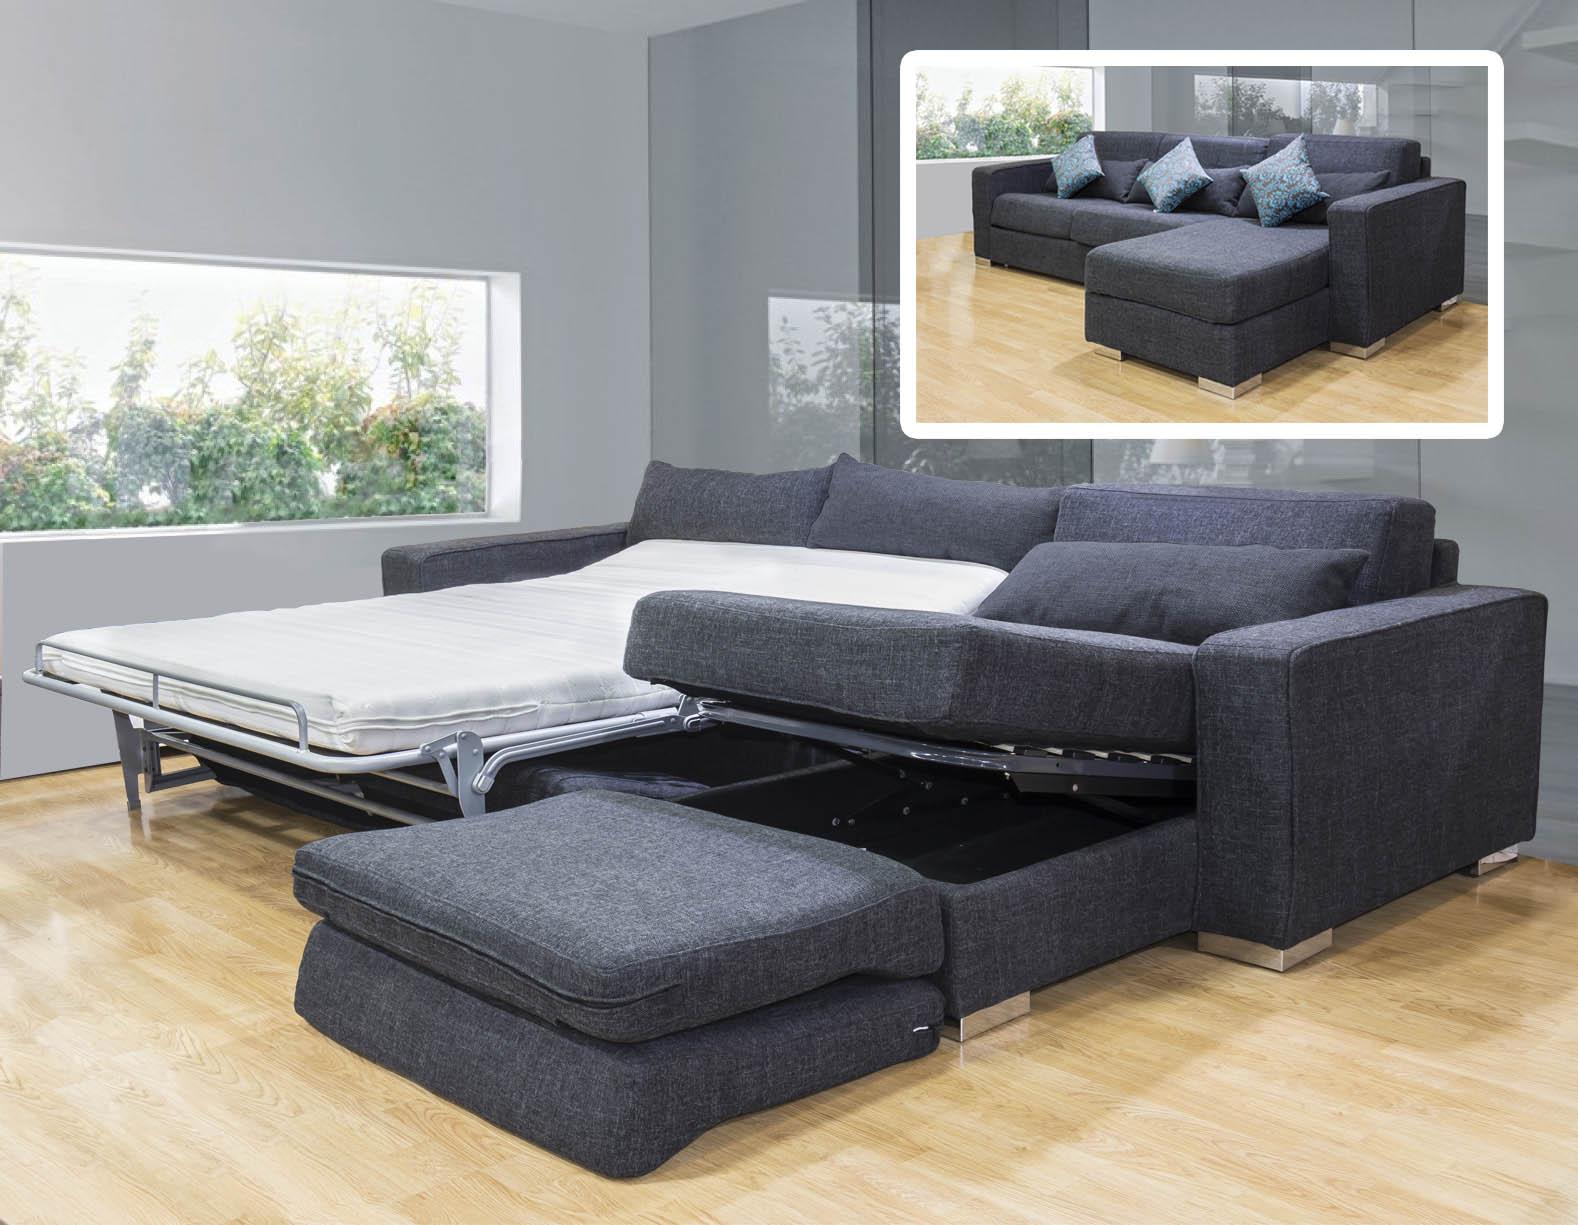 Muebles sofa cama lima 20170830094545 for Decoracion de sofas